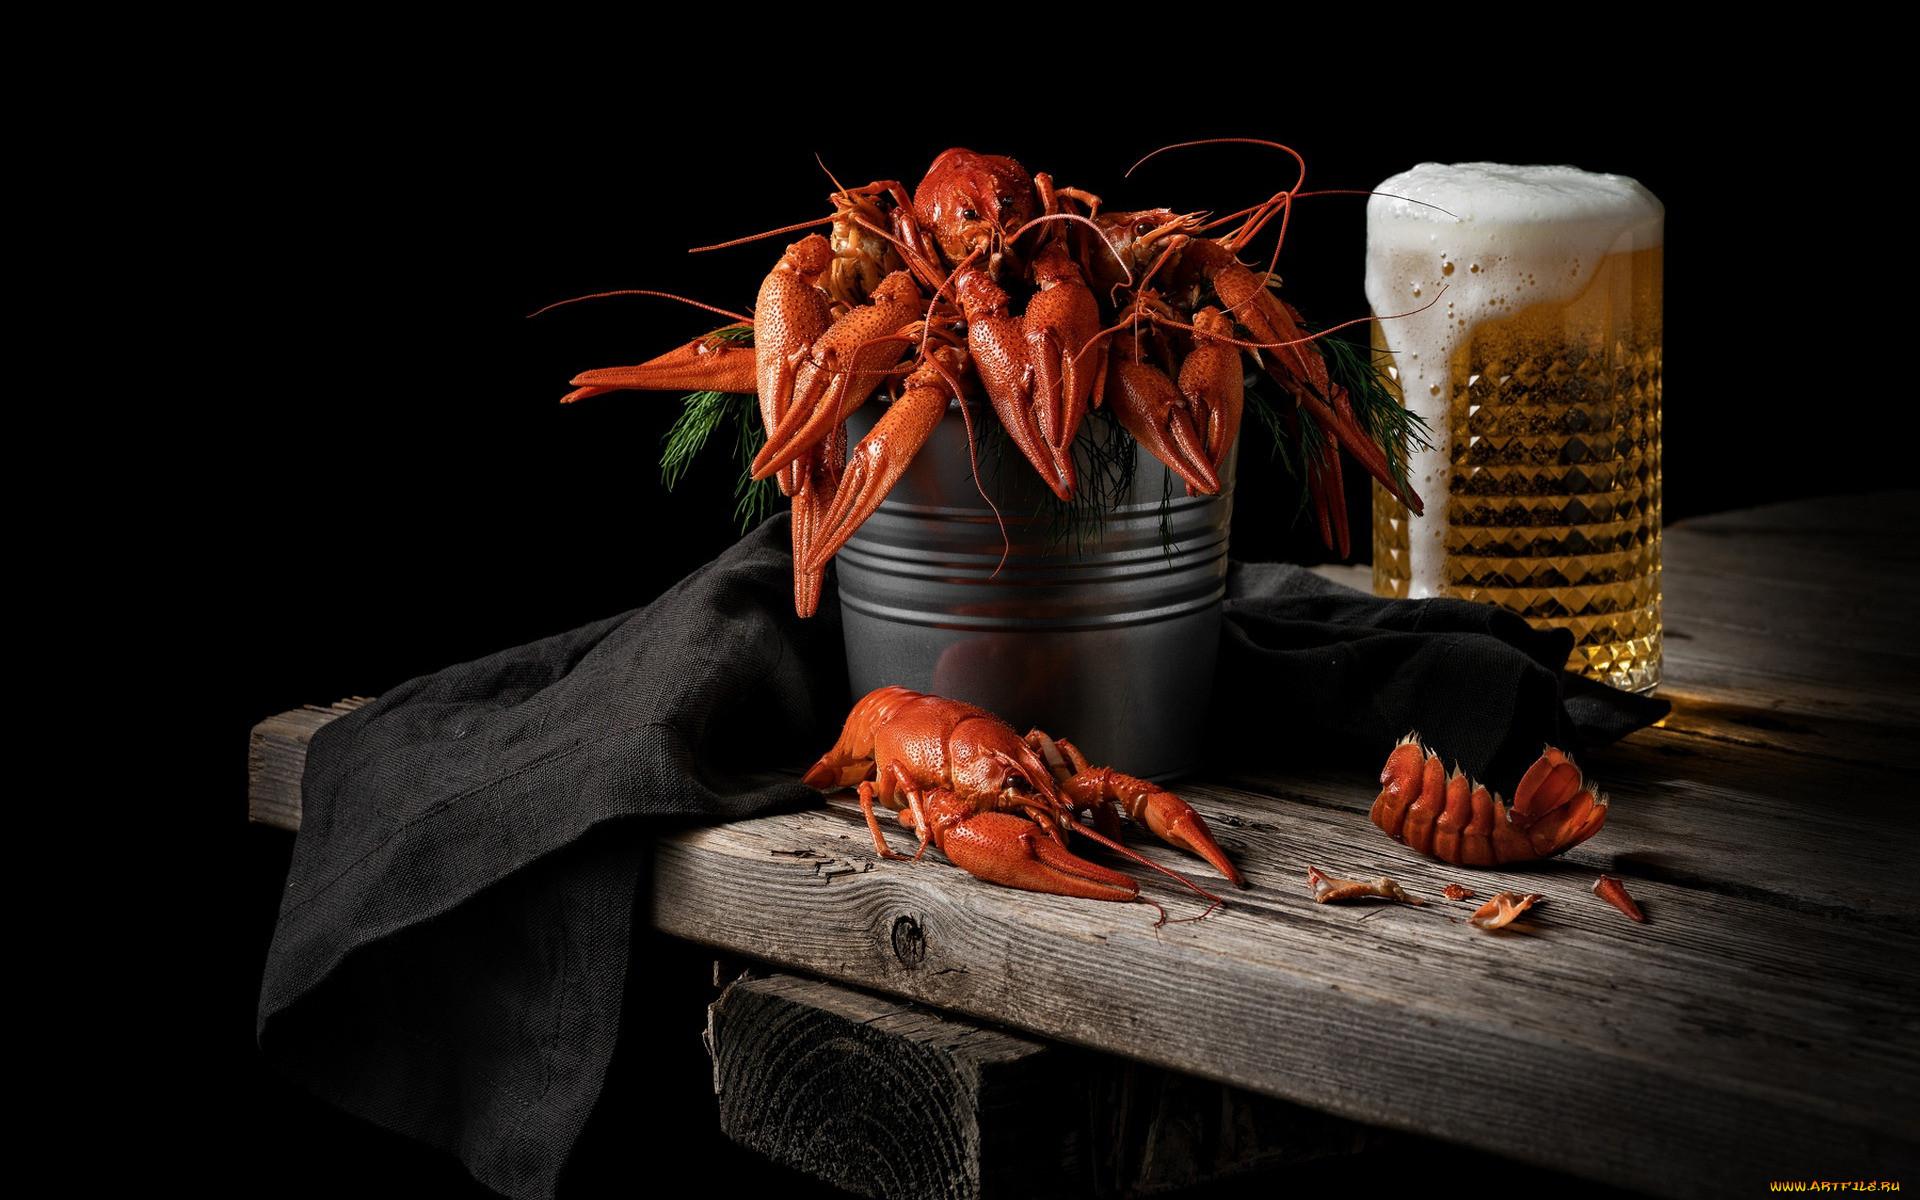 картинки пиво с рыбой и раками любители природы, ранимые